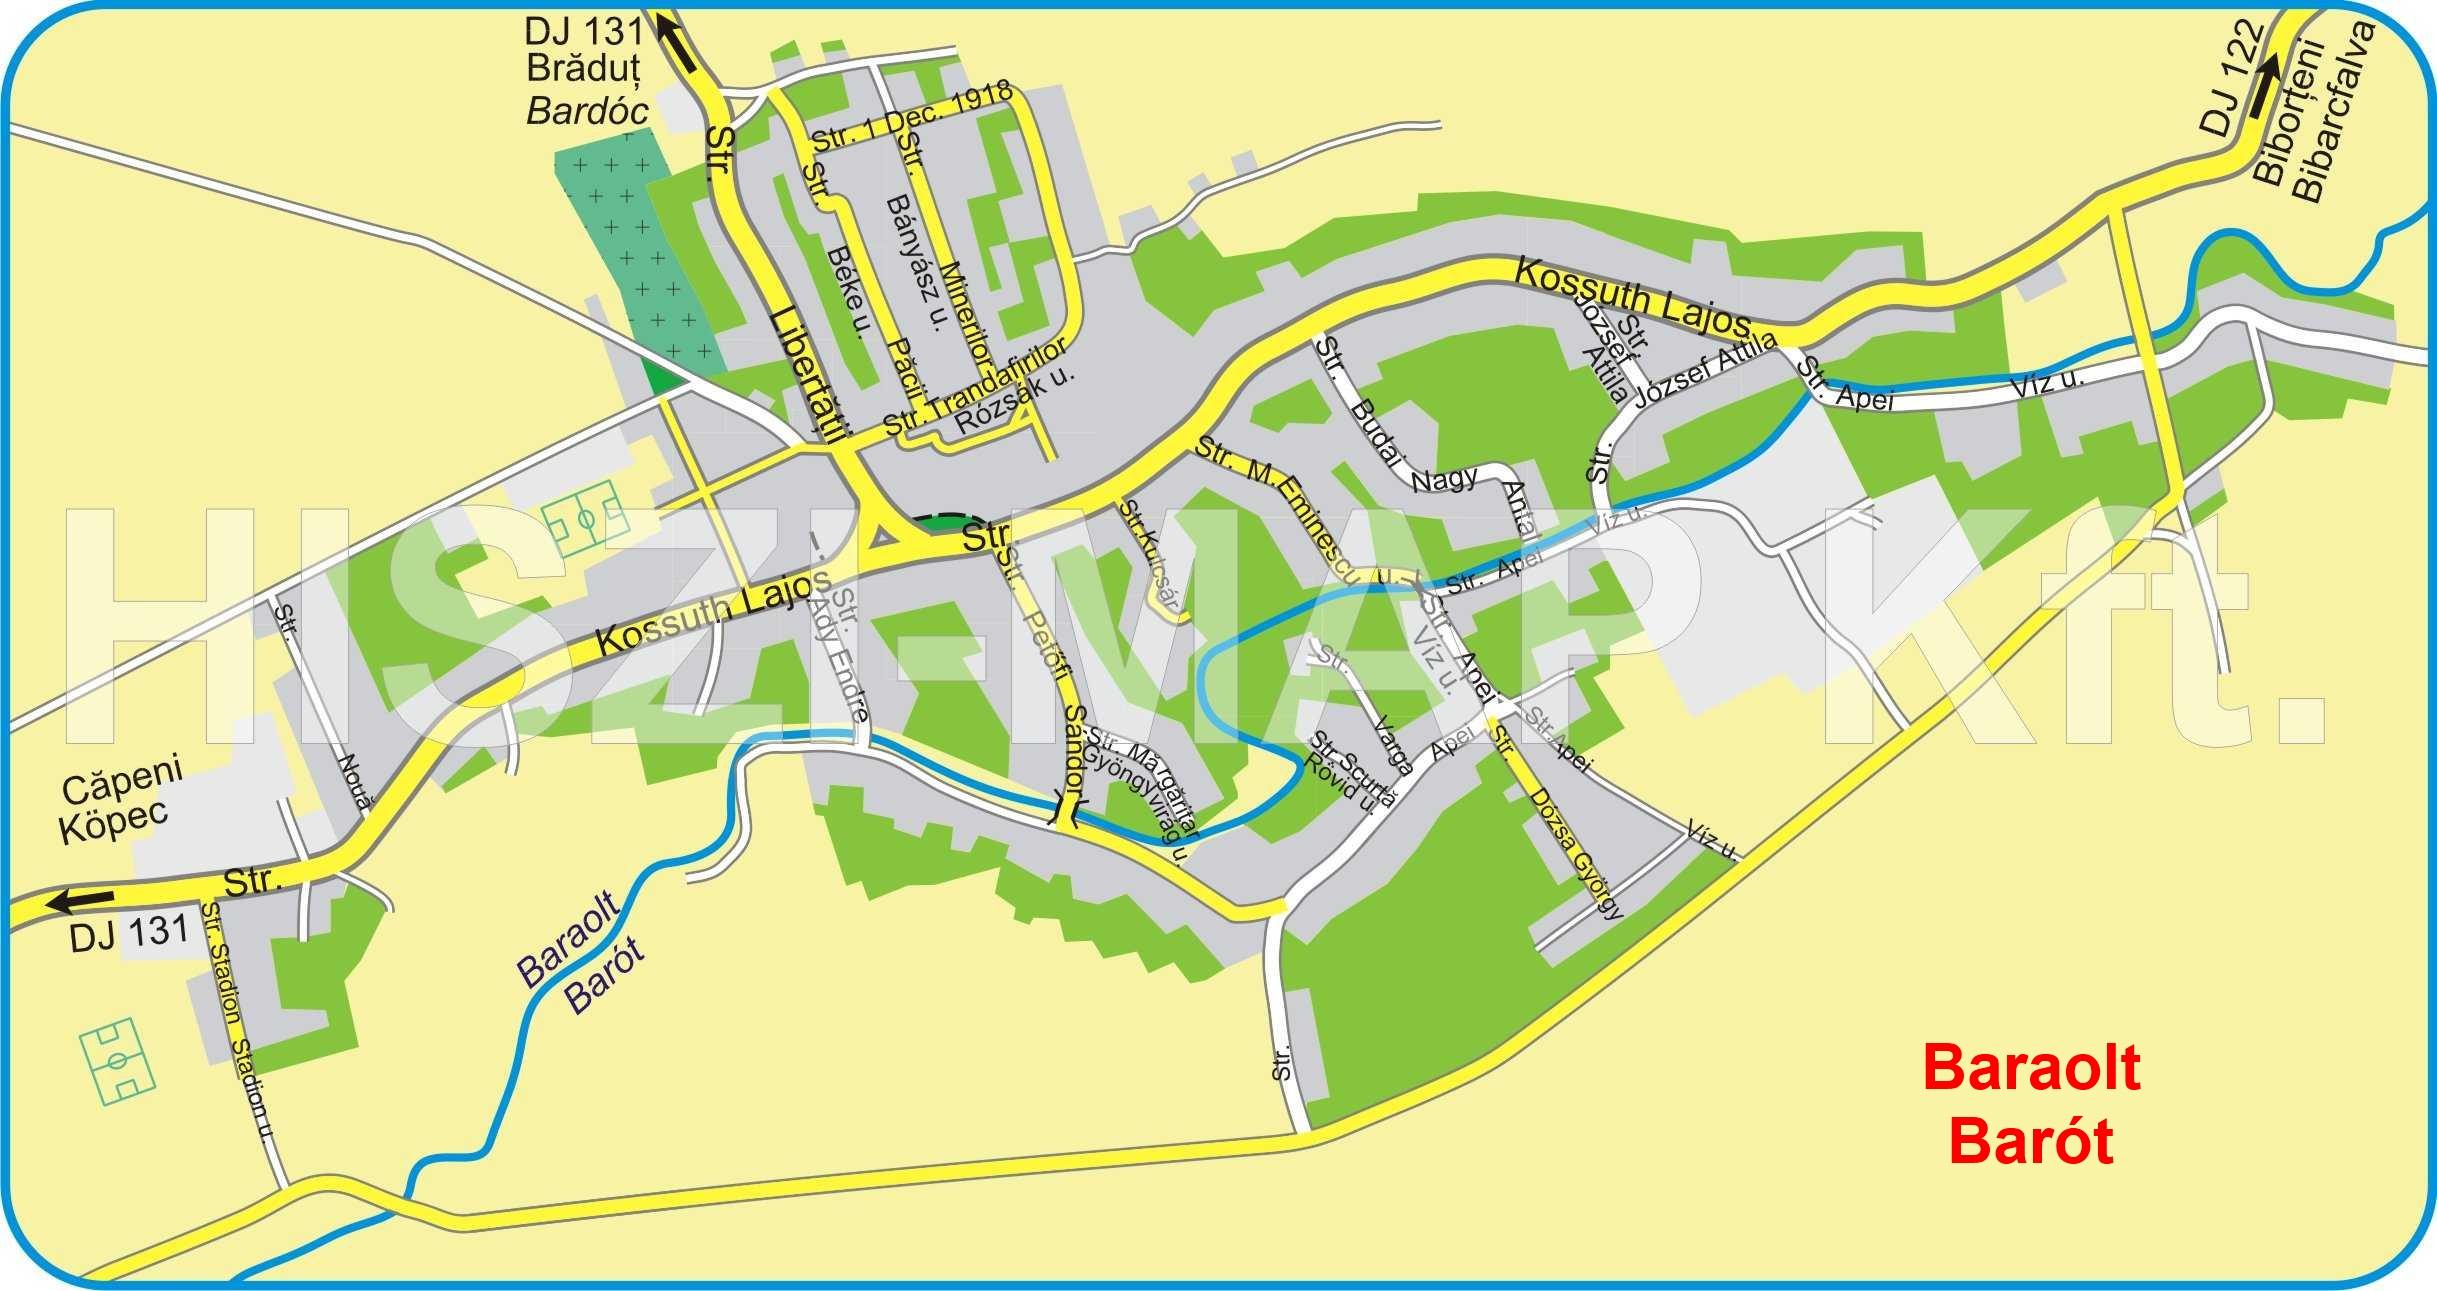 Barotturisztikai térképe - szállás